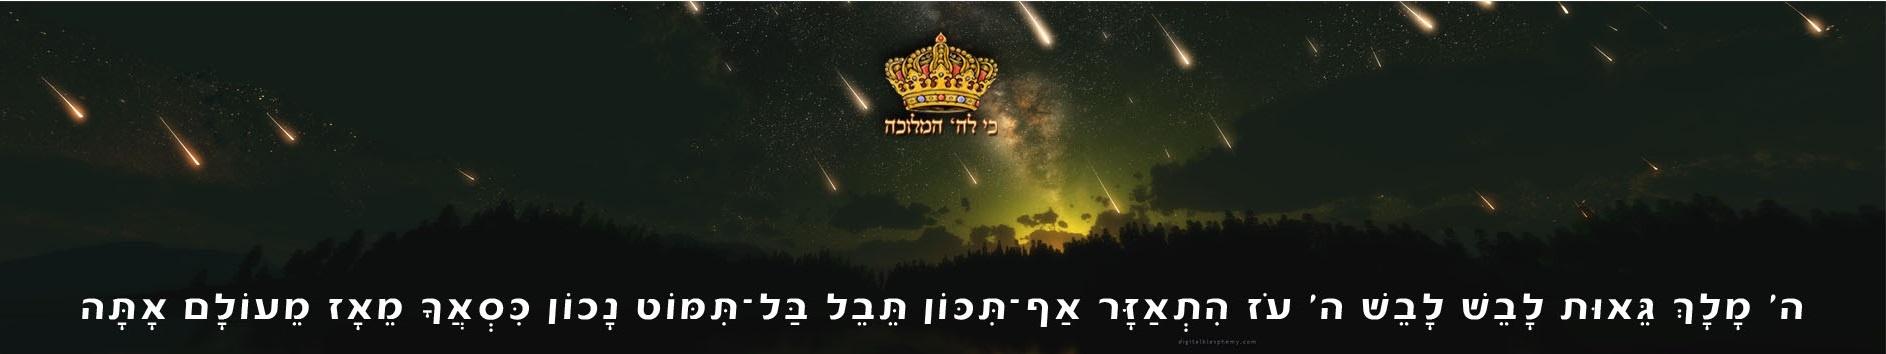 """יום הדין הגדול בעשרה בטבת  תשע""""ט- בית דין של מעלה ישבו בעשרה בטבת וידונו על כלל ישראל-  מצוה גדולה להפיץ"""